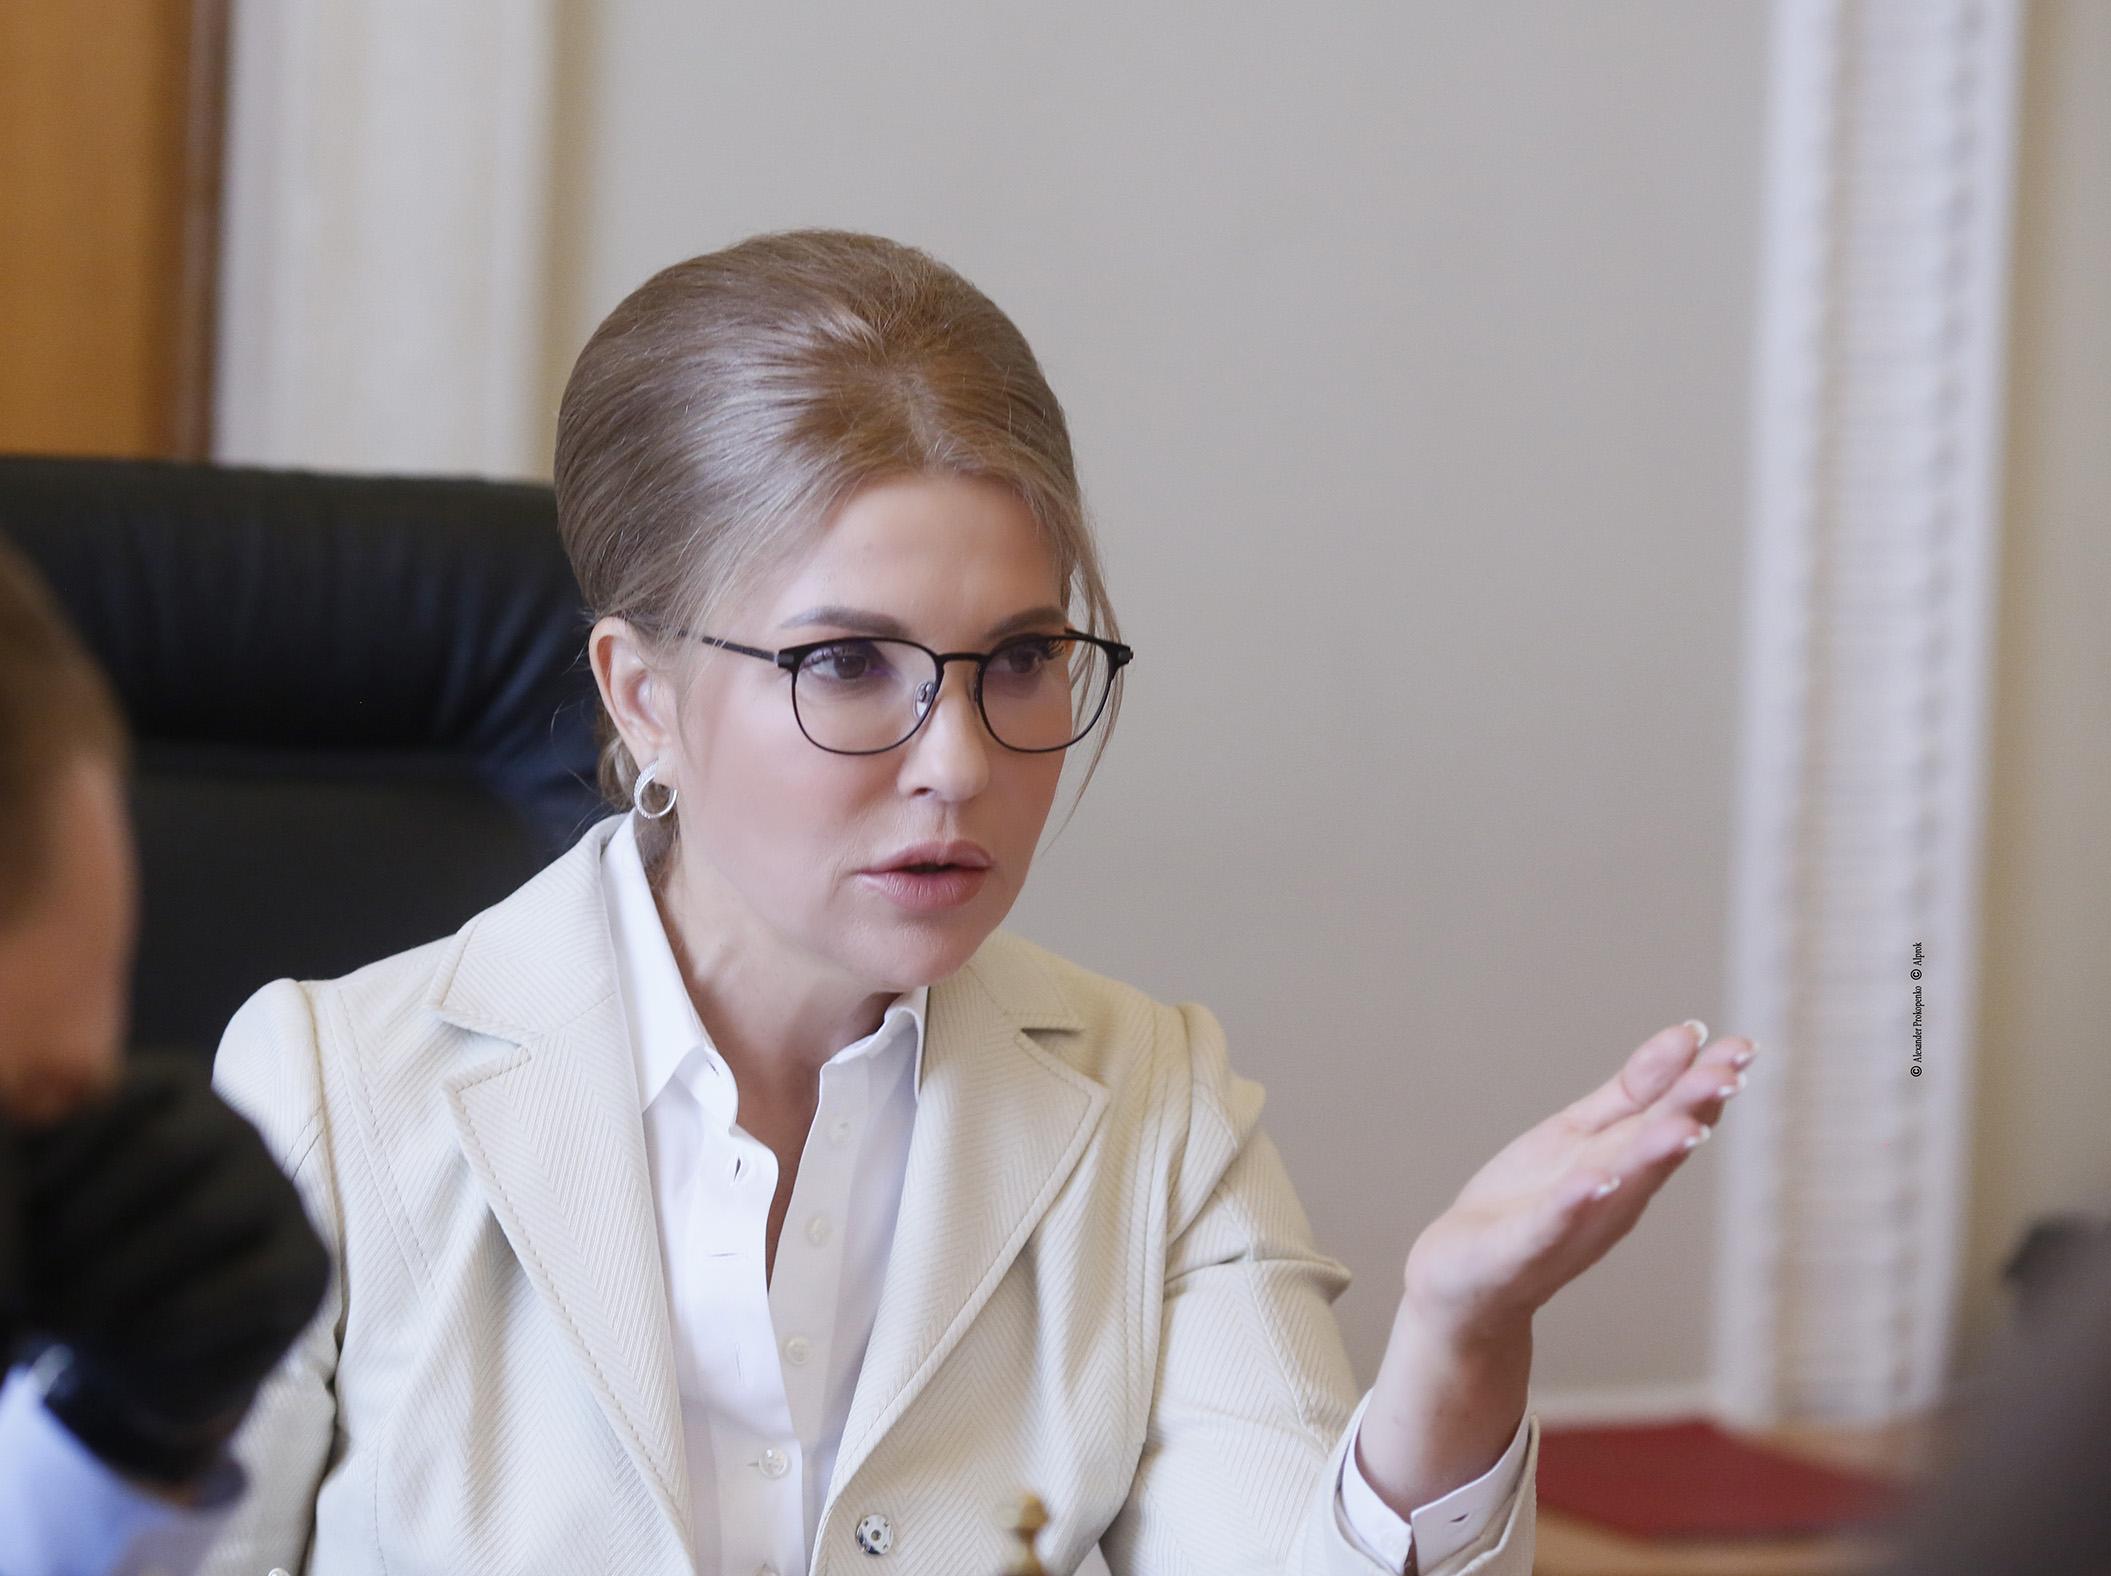 «Батьківщина» захищатиме землю – через референдум, Конституційний суд і об'єднання людей, – Тимошенко